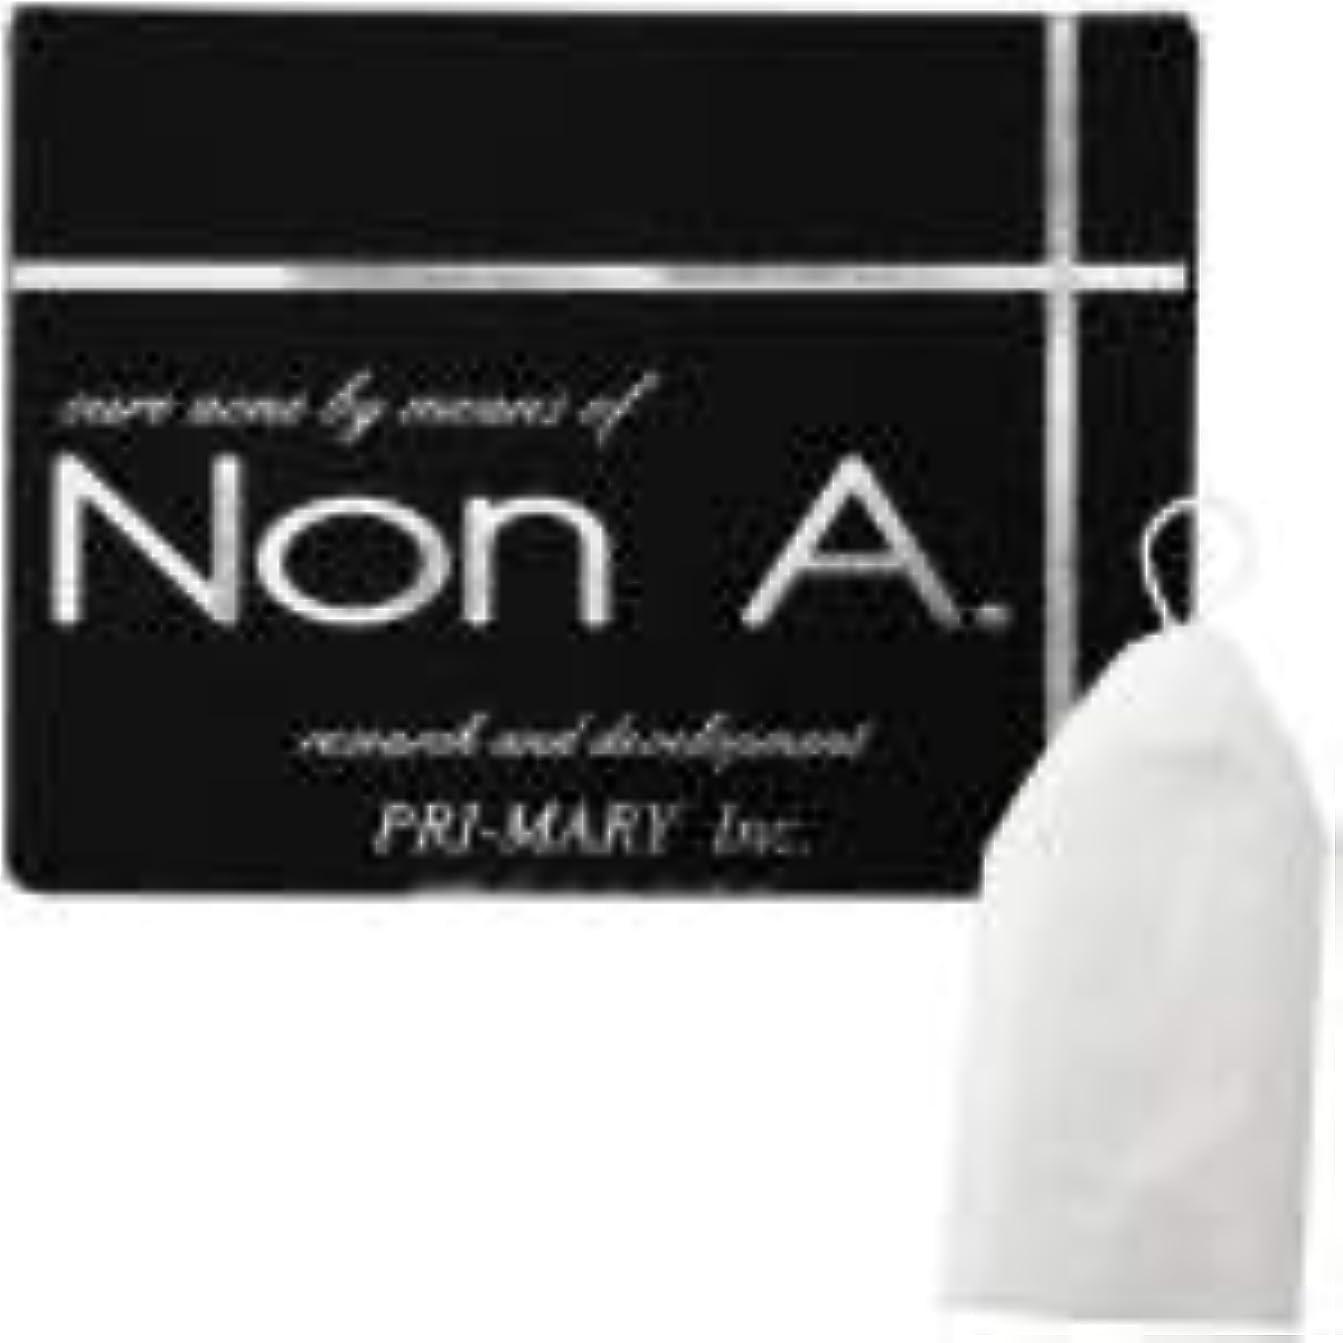 チャネル電卓呼ぶNon A. (ノンエー) 洗顔ソープ [ ニキビ対策 / 100g / 洗顔泡立てネット付 ] 洗顔せっけん ピーリング成分不使用 (プライマリー)